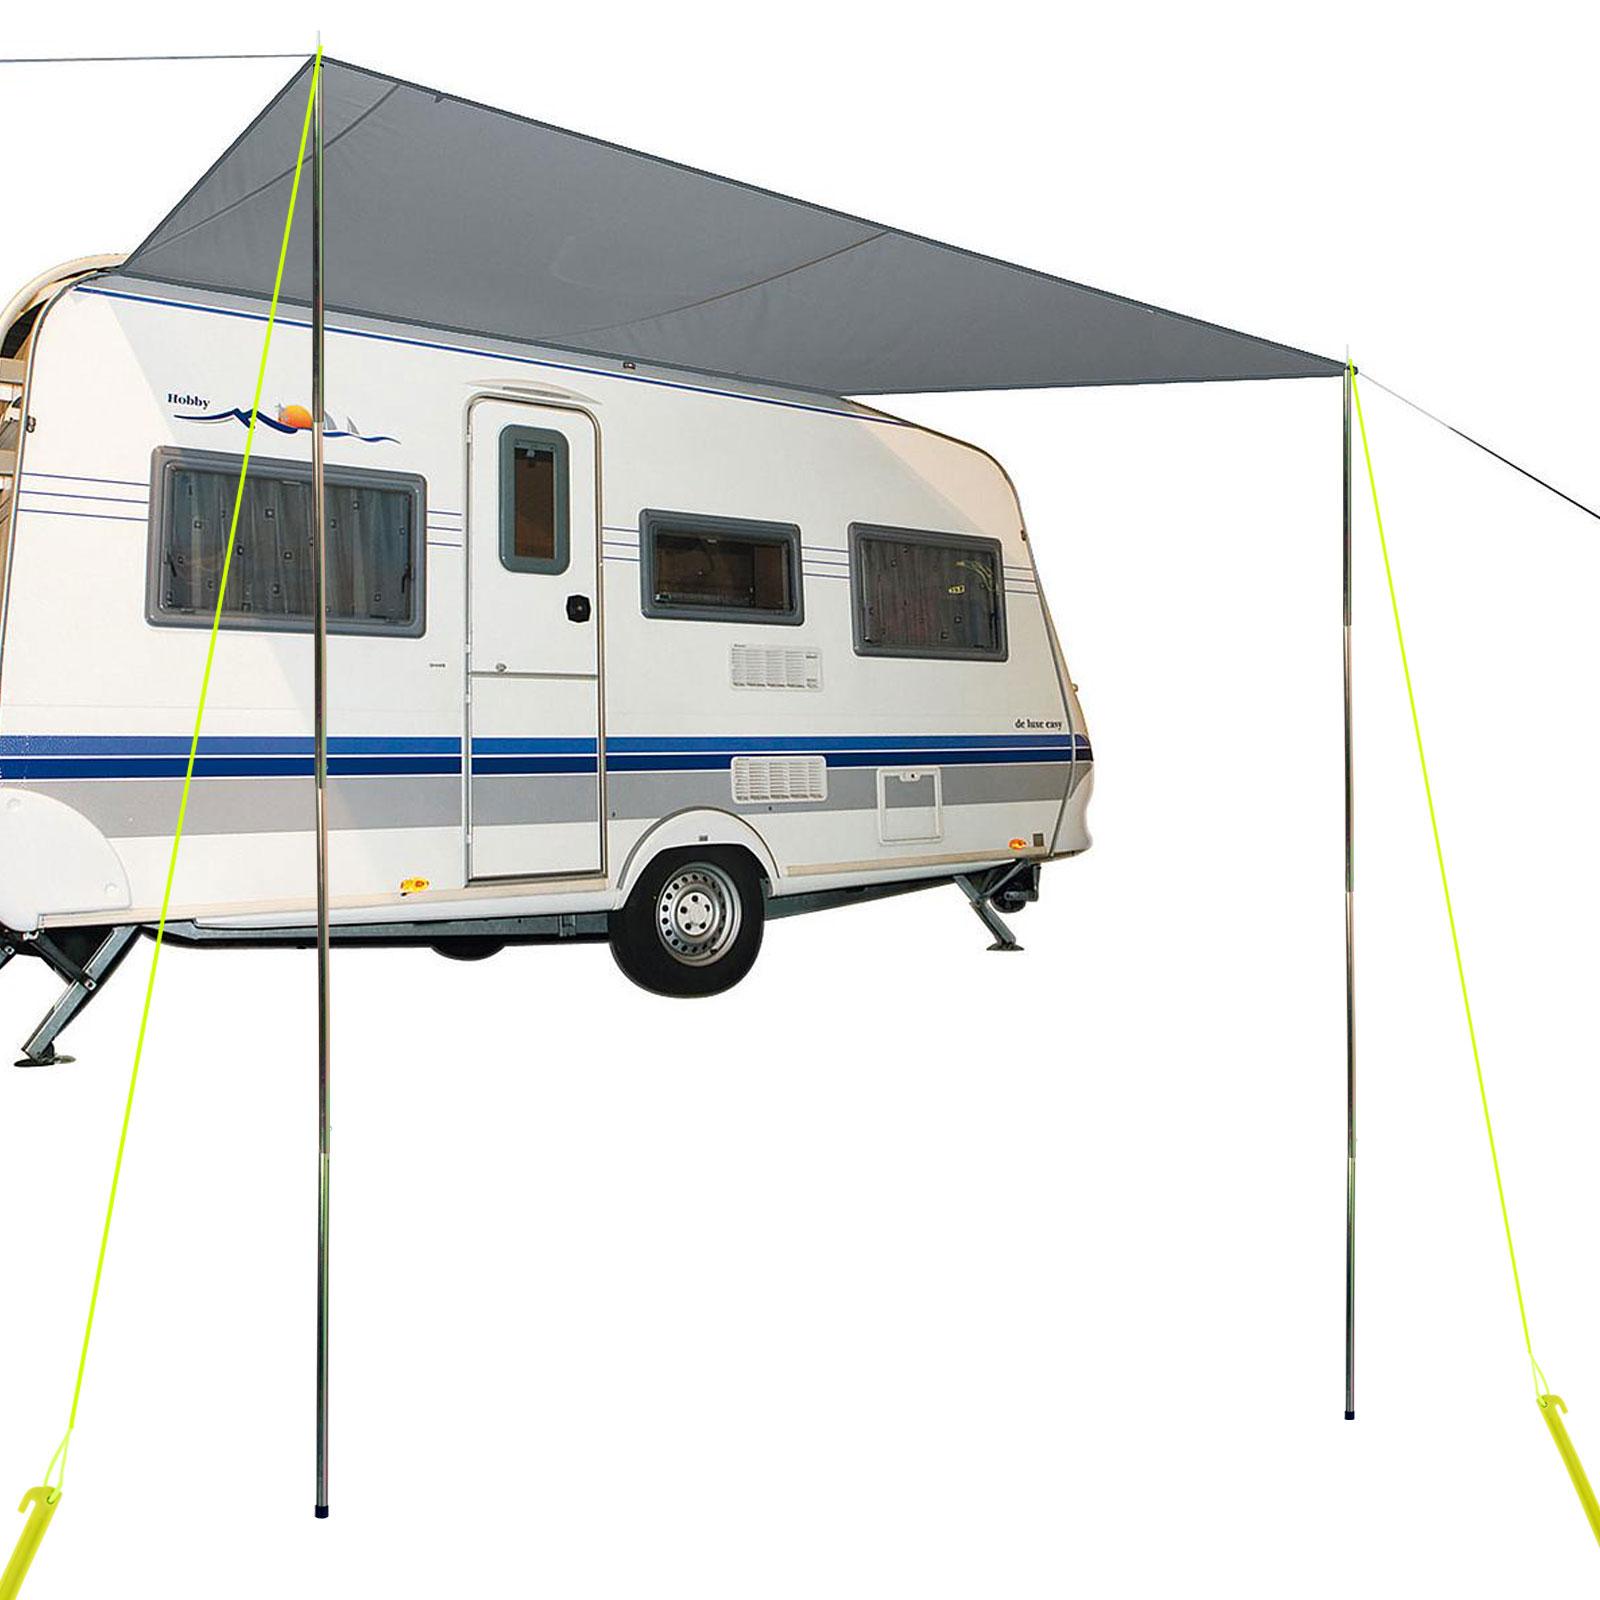 Wohnmobil Wohnwagen Sonnensegel, 3,50 x 2,4 m, inkl. Aufstellstangen